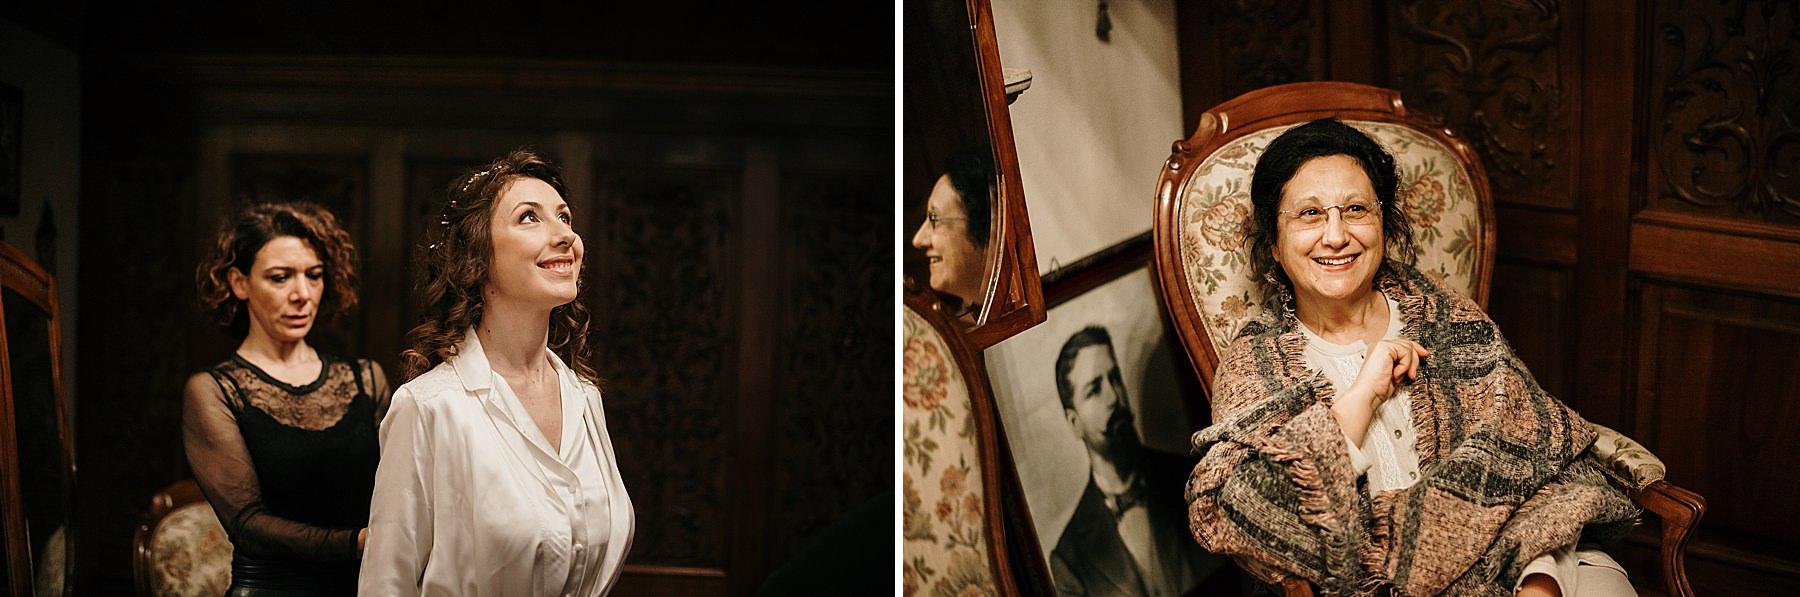 fotografia-di-matrimonio-a-firenze-in-inverno-713.JPG